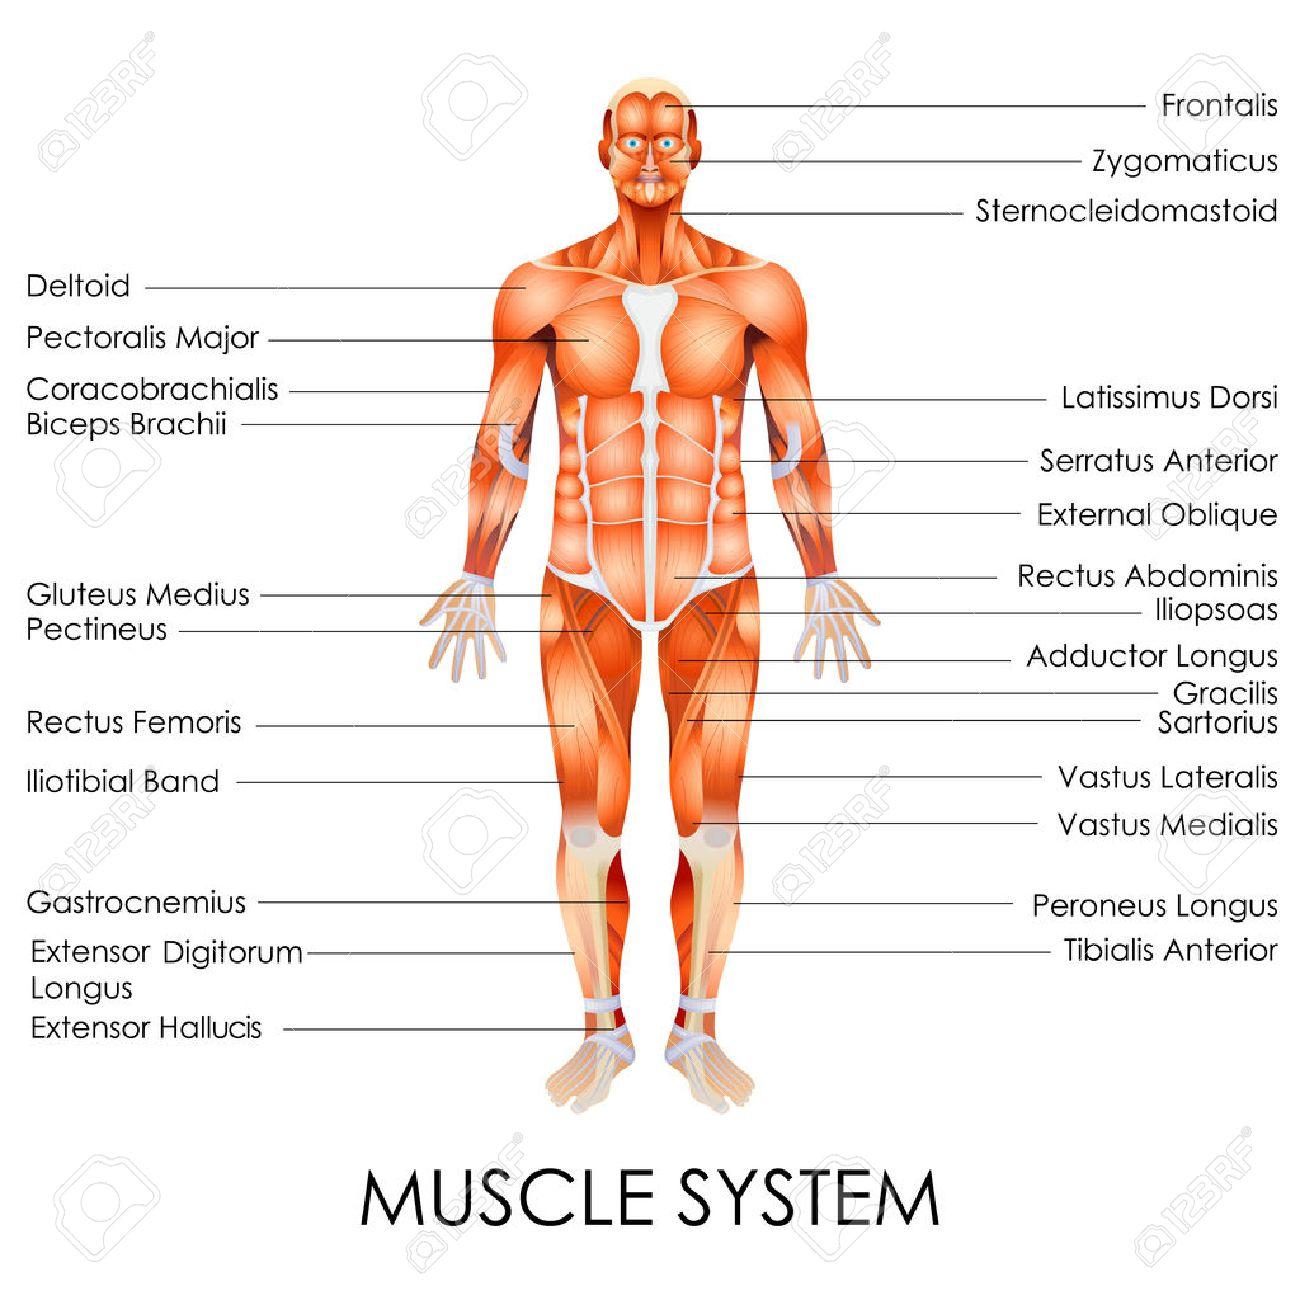 筋肉システムの図のベクトル イラストのイラスト素材ベクタ Image